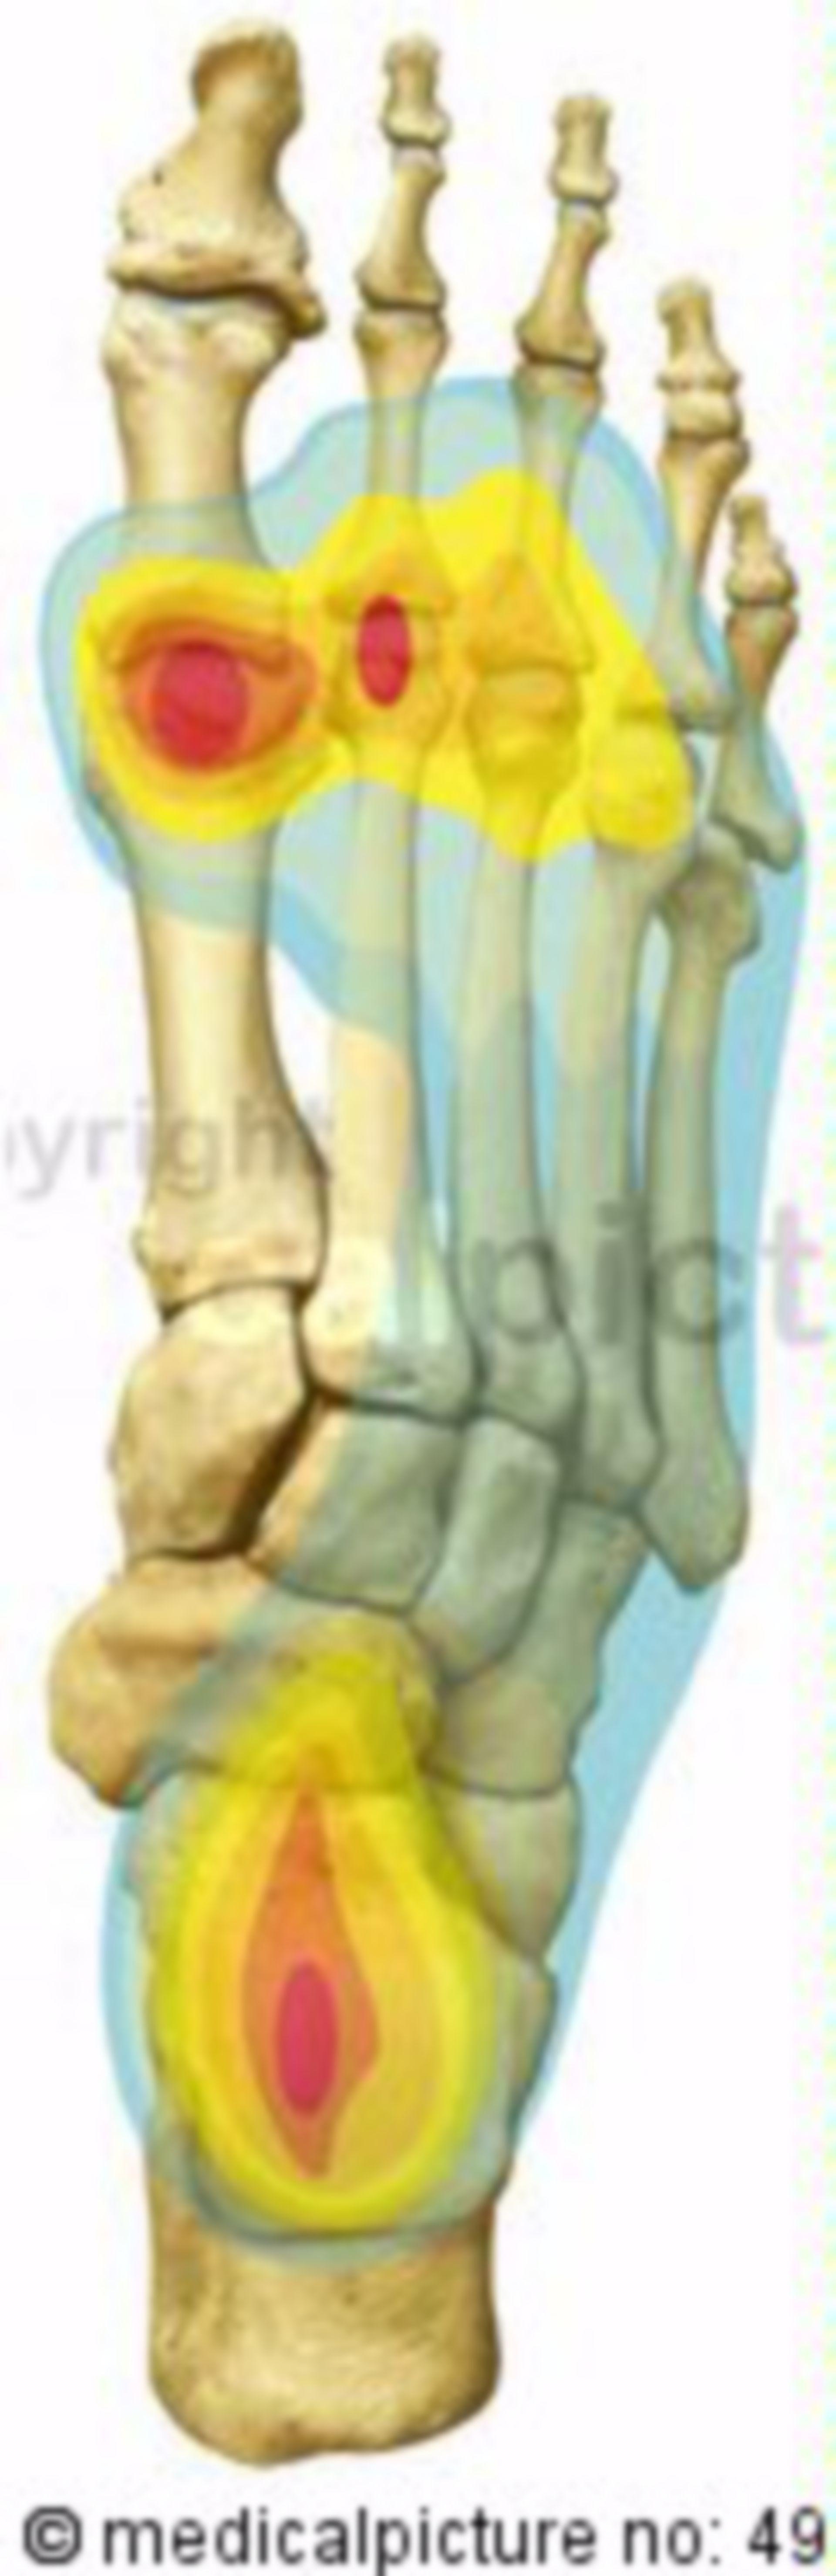 Belastungsschwerpunkte des Fußskeletts